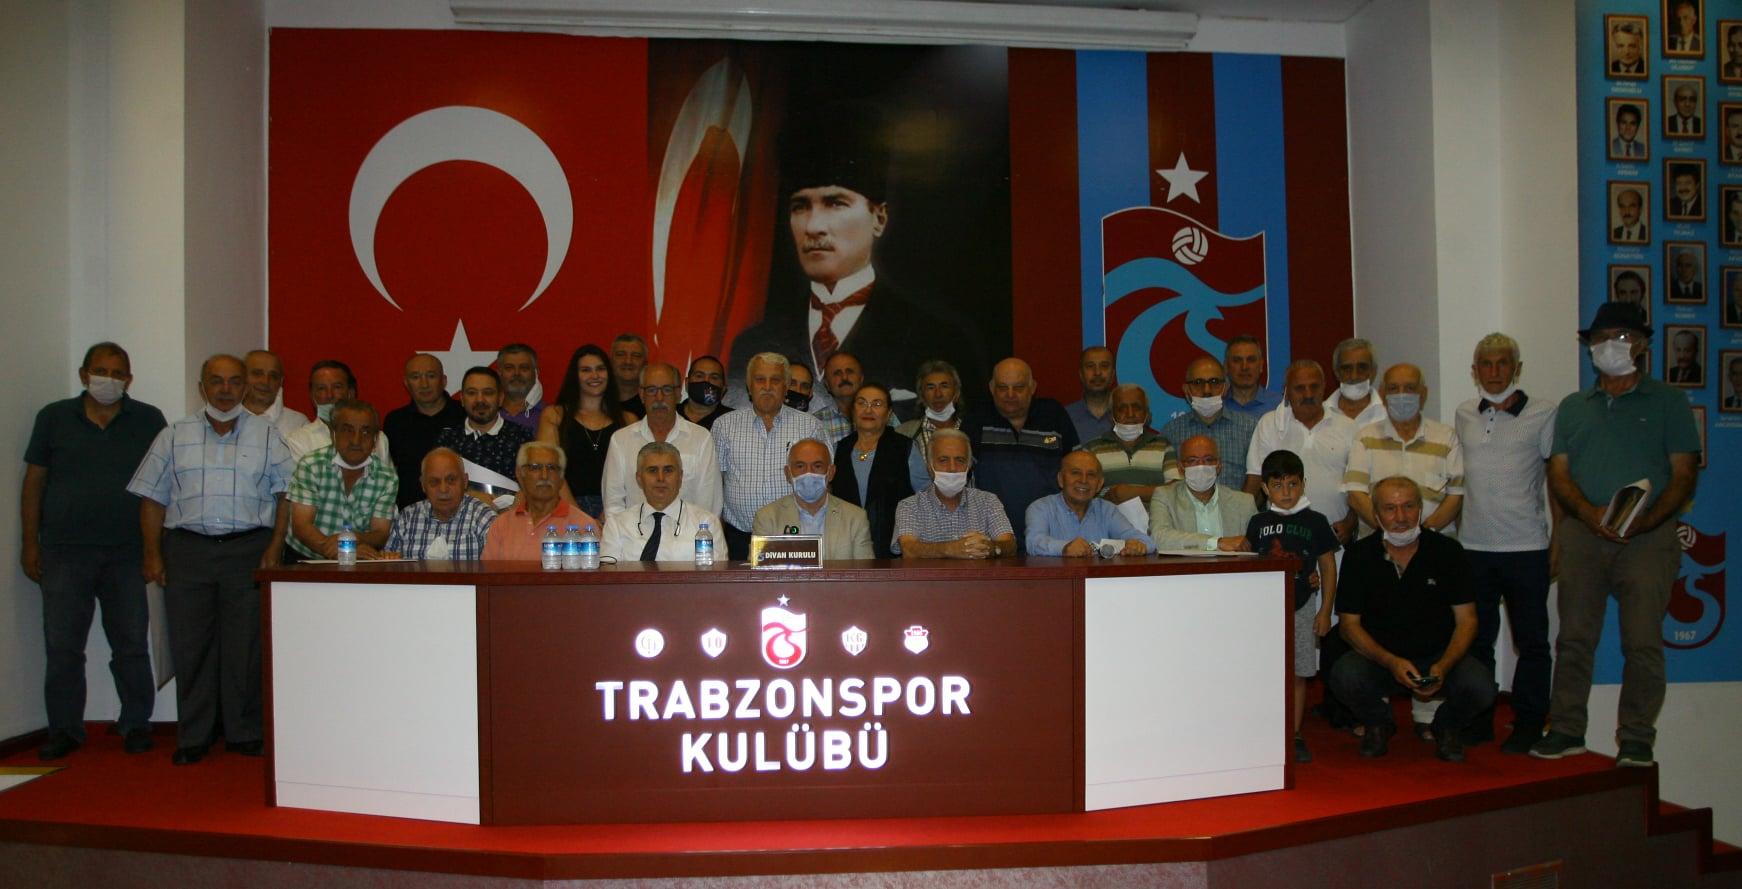 Trabzonspor'da 25 yıllık üyelik süresini dolduran 64 kişiye belge verildi